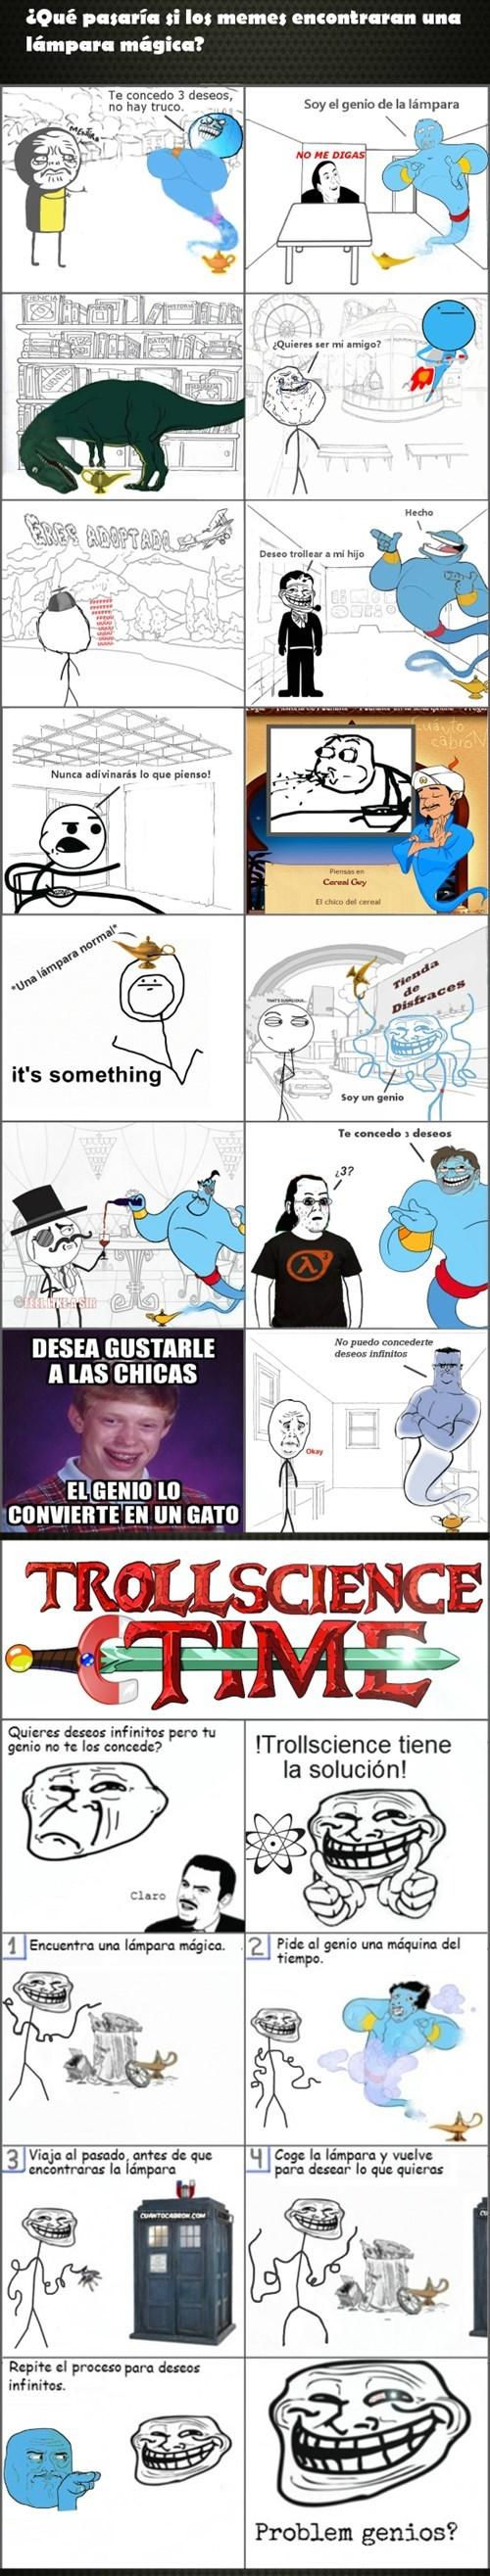 memes genios